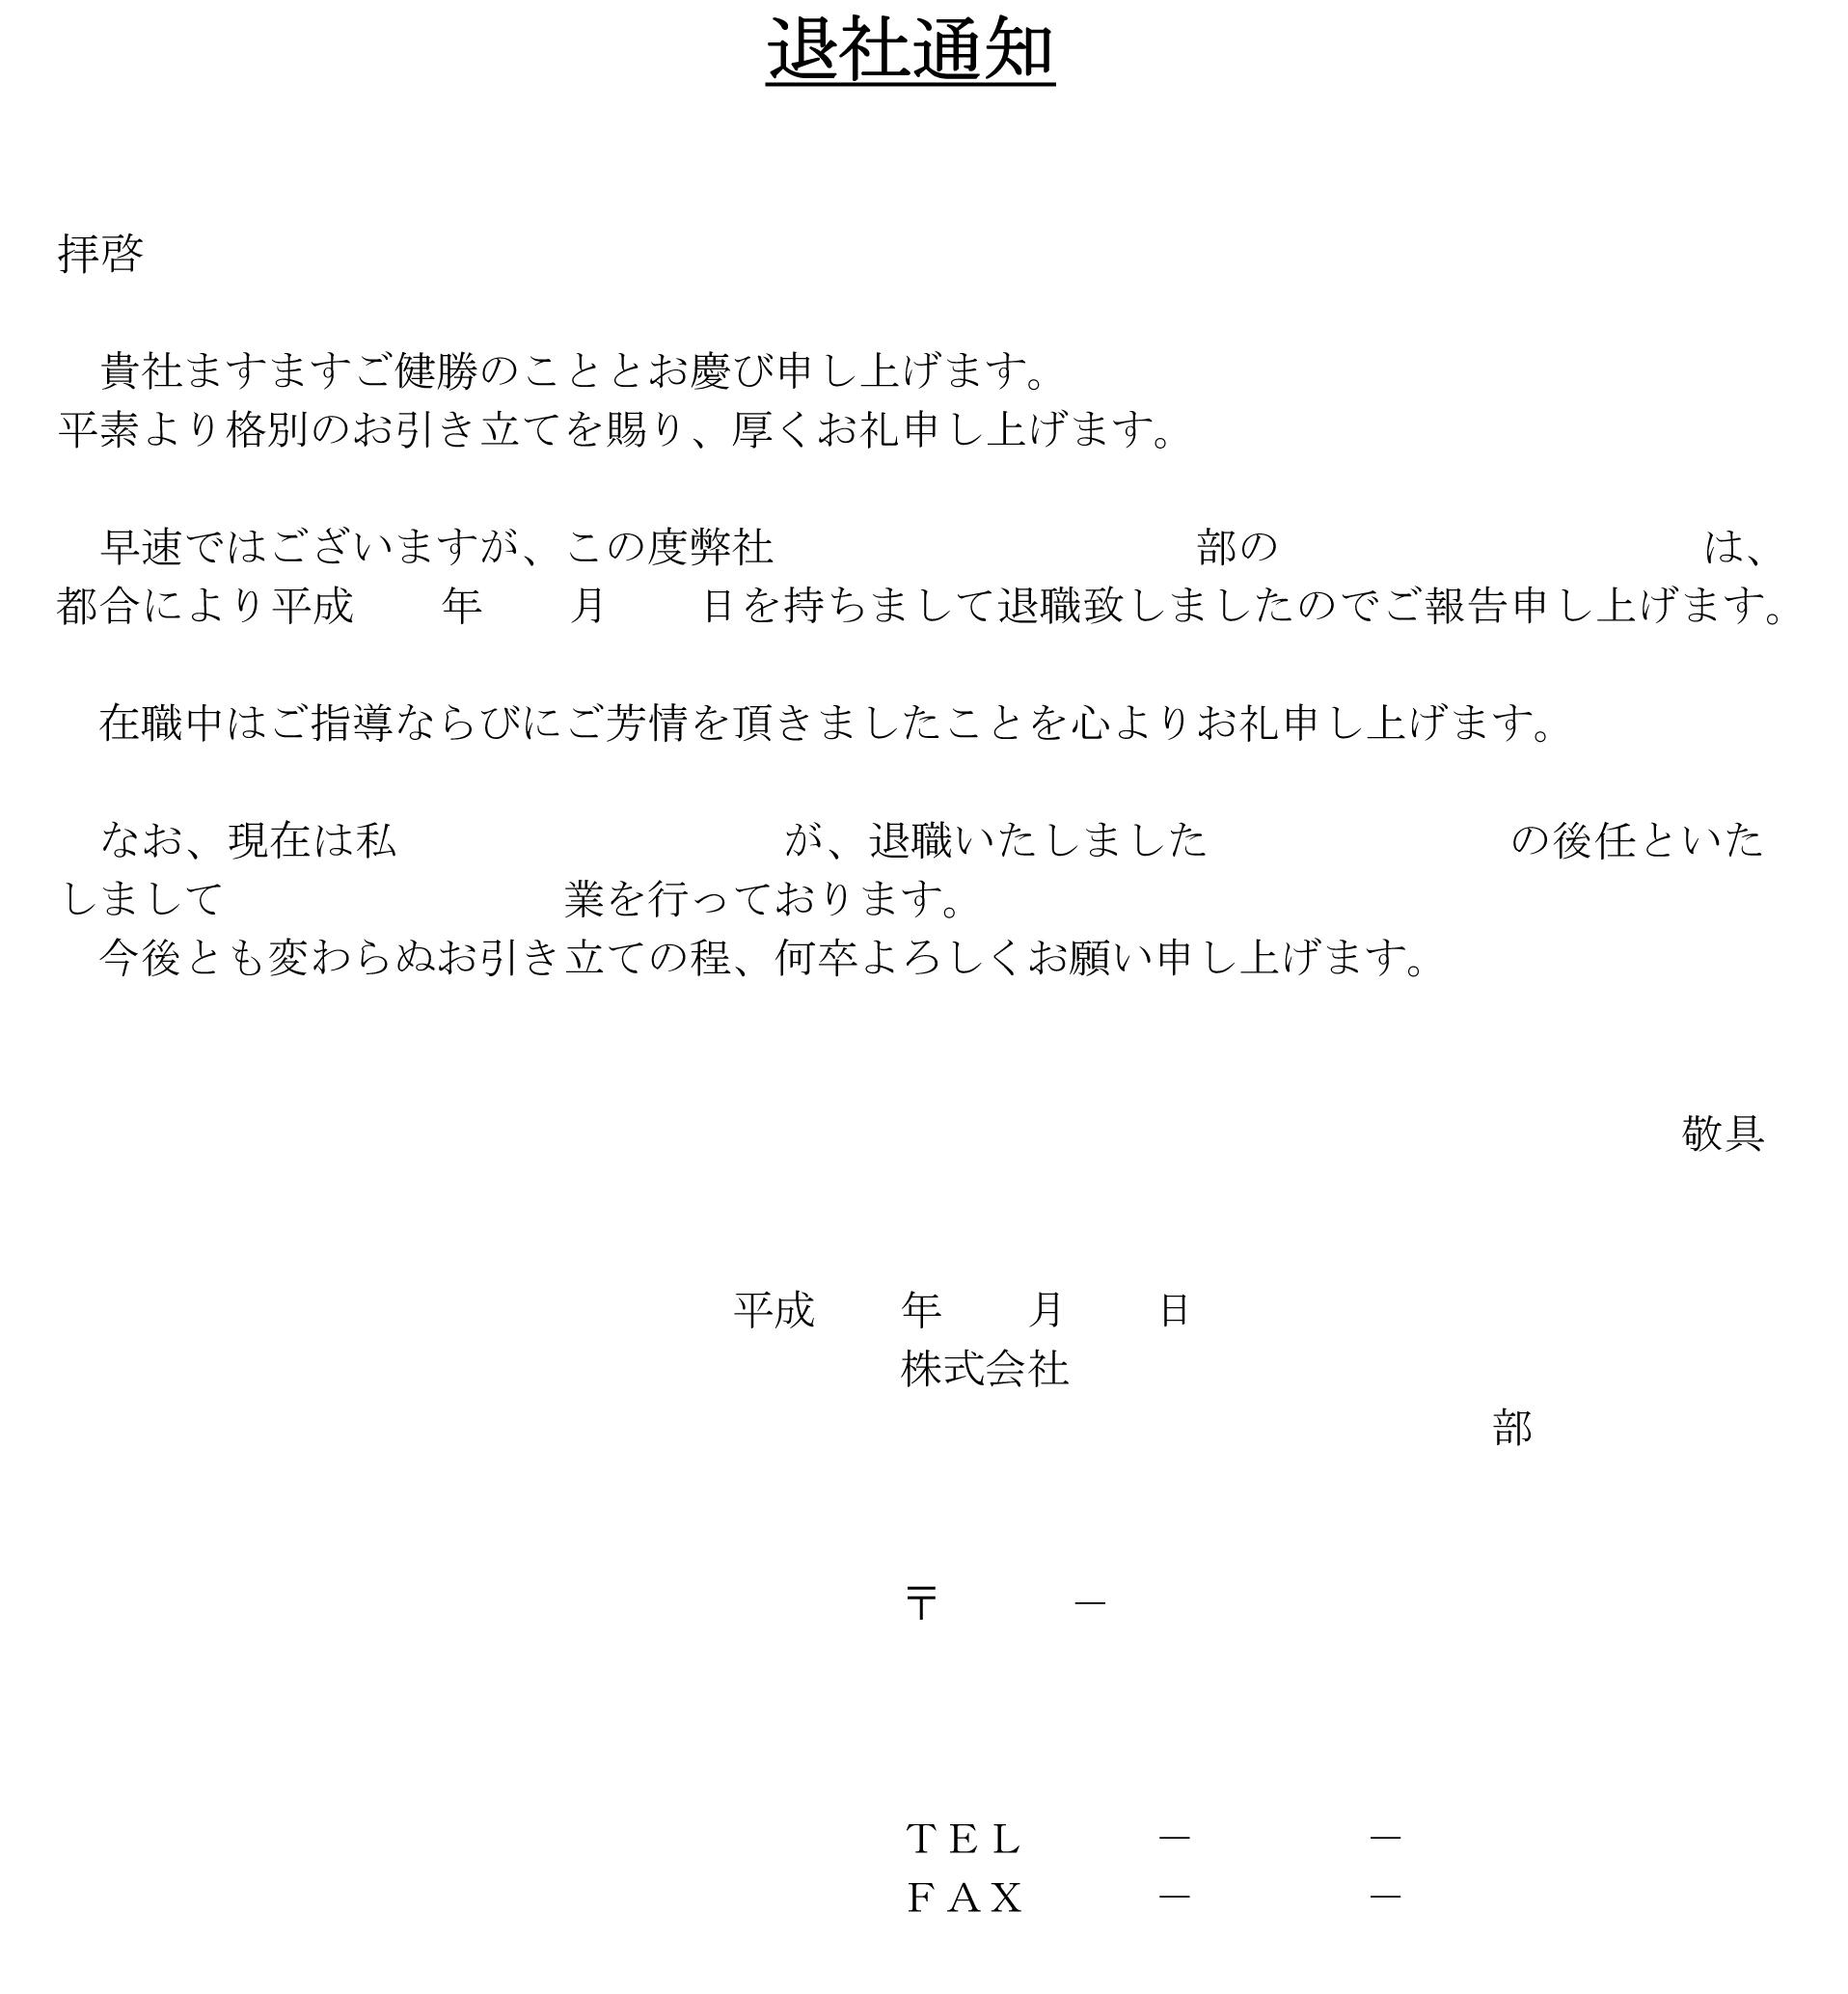 退社通知01